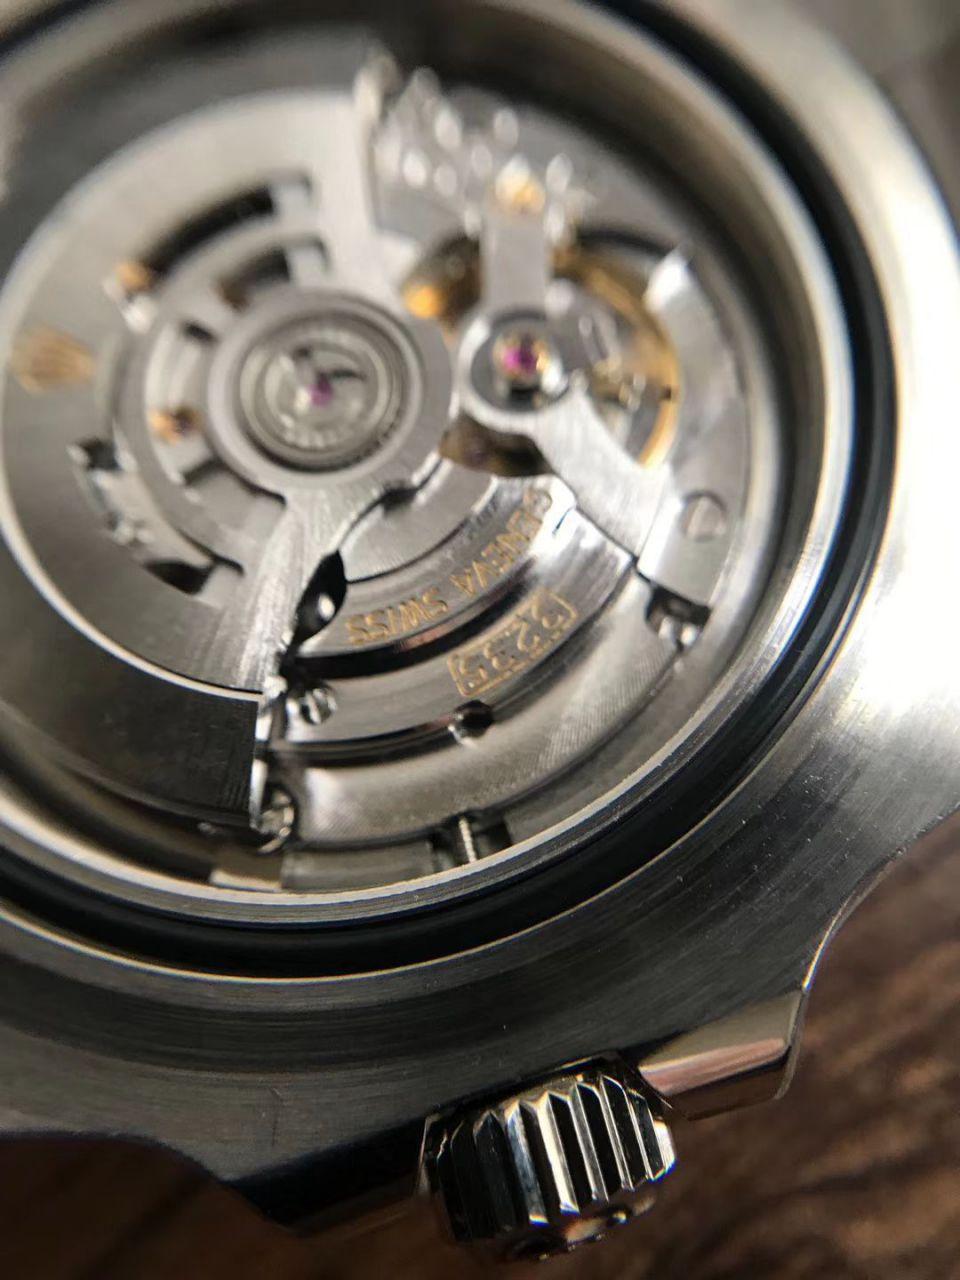 【视频评测N厂最新升级版43毫米单红鬼王】劳力士海使型系列m126600-0001腕表 / R269